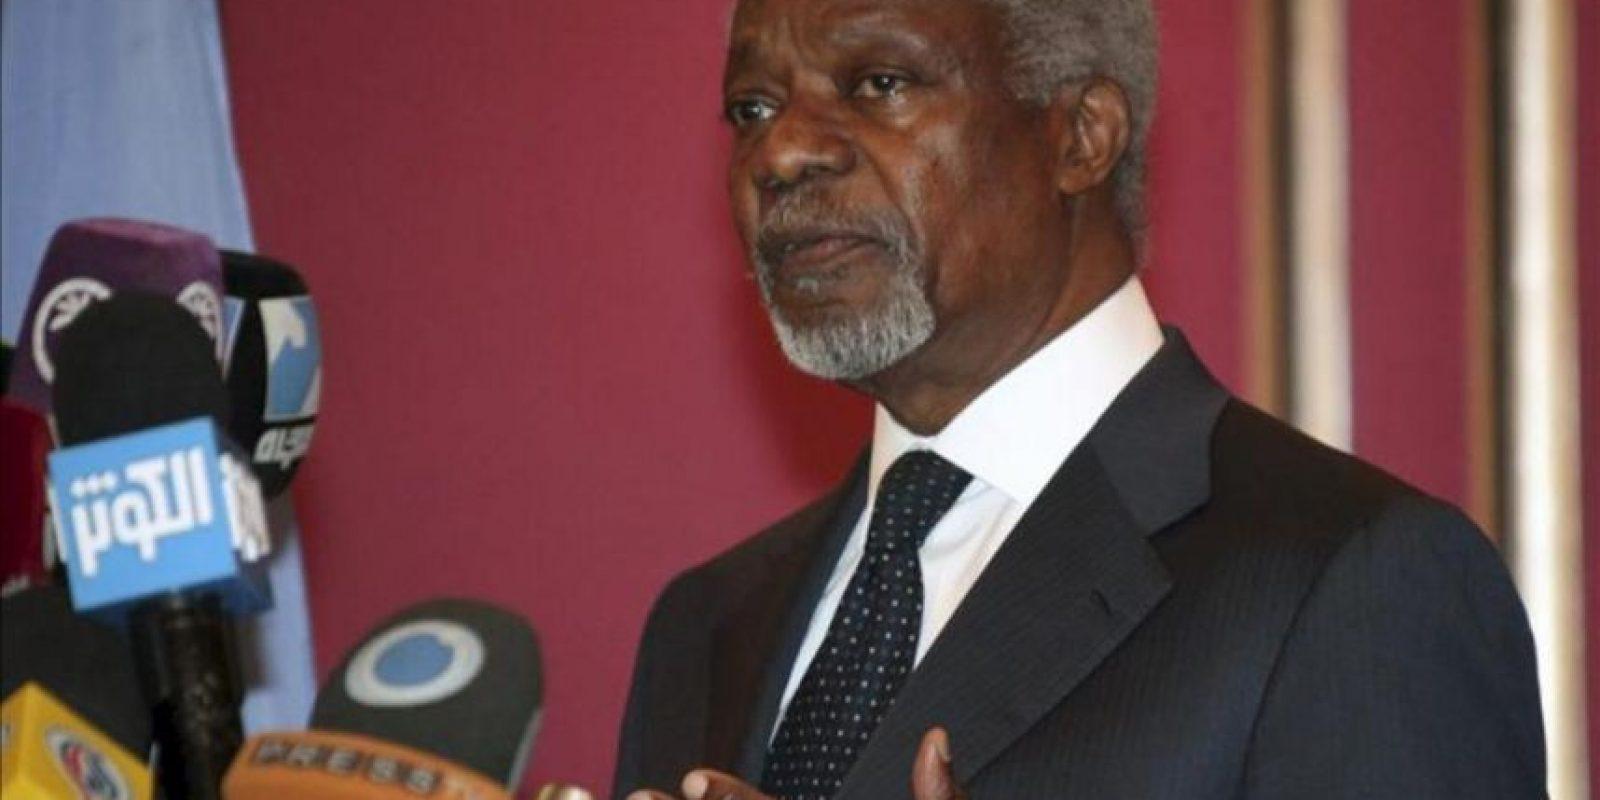 El enviado especial de la ONU y de la Liga Árabe, Kofi Annan, ayer en rueda de prensa en Damasco, Siria. EFE